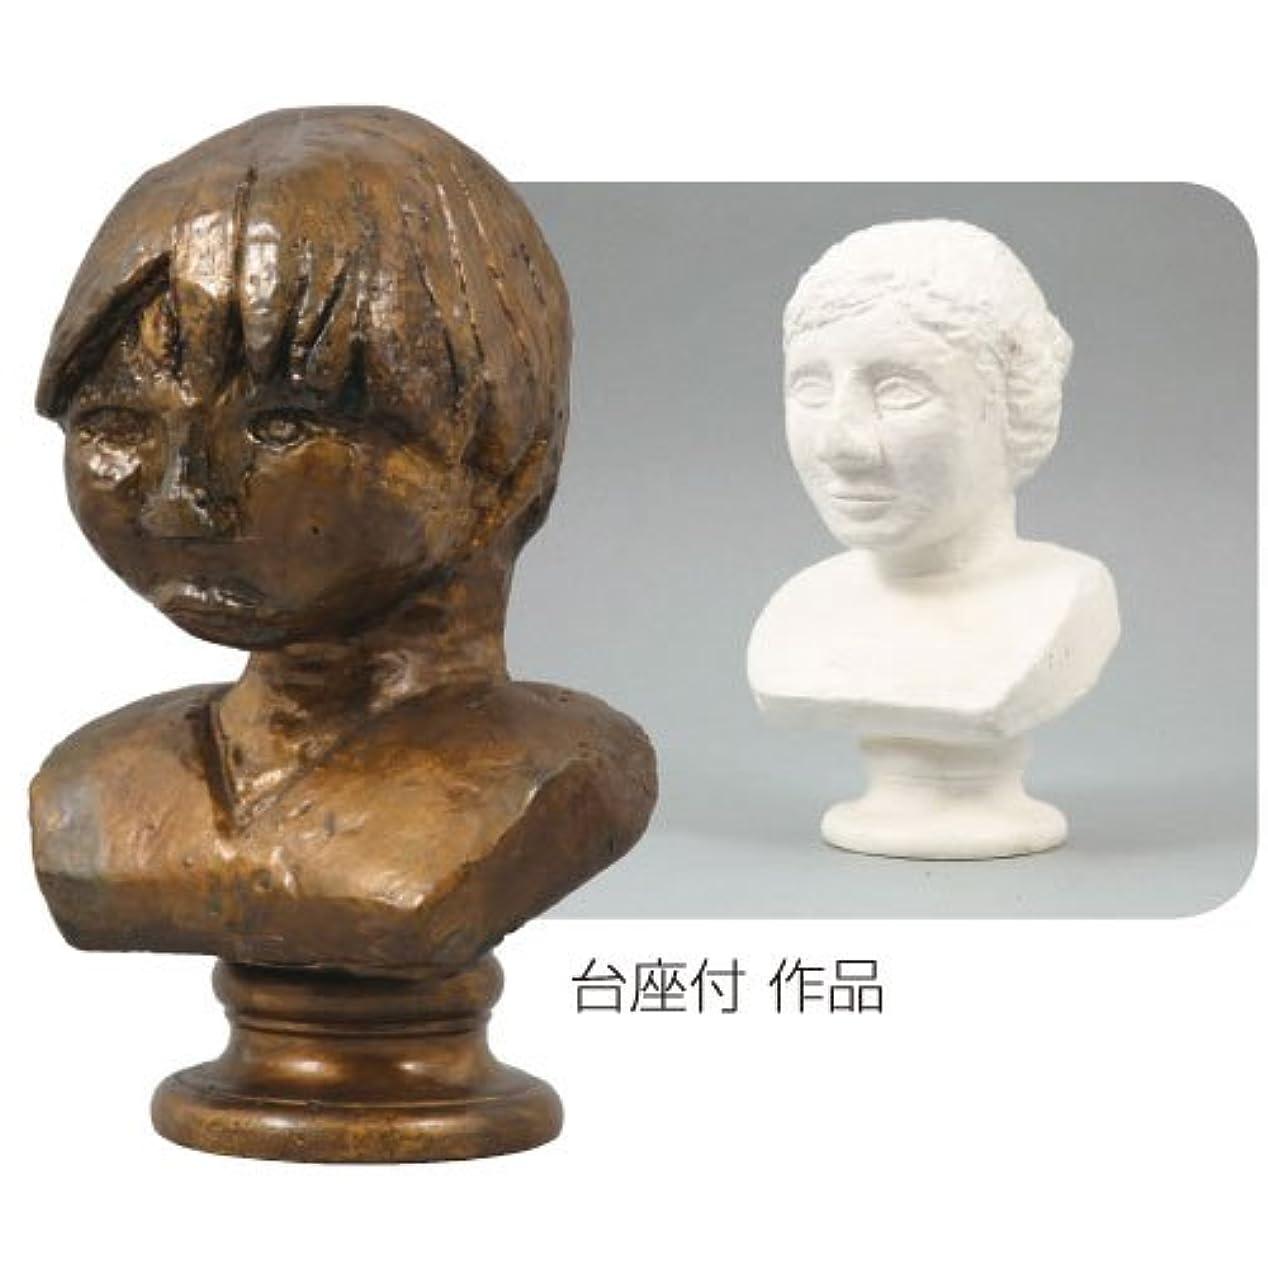 石膏彫刻材 胸像 台座付